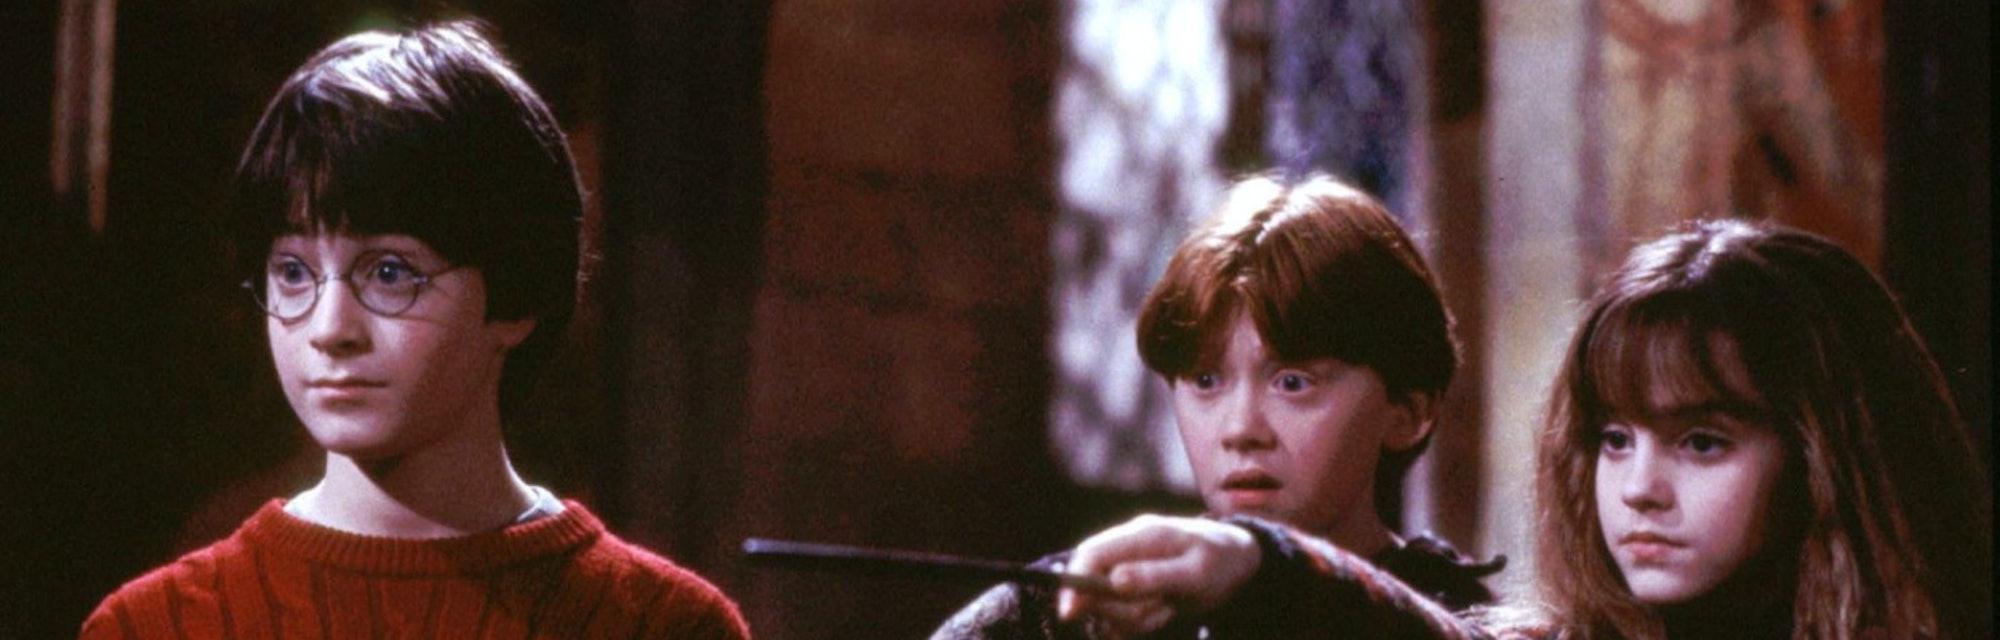 Harry Potter 8 Stream Deutsch